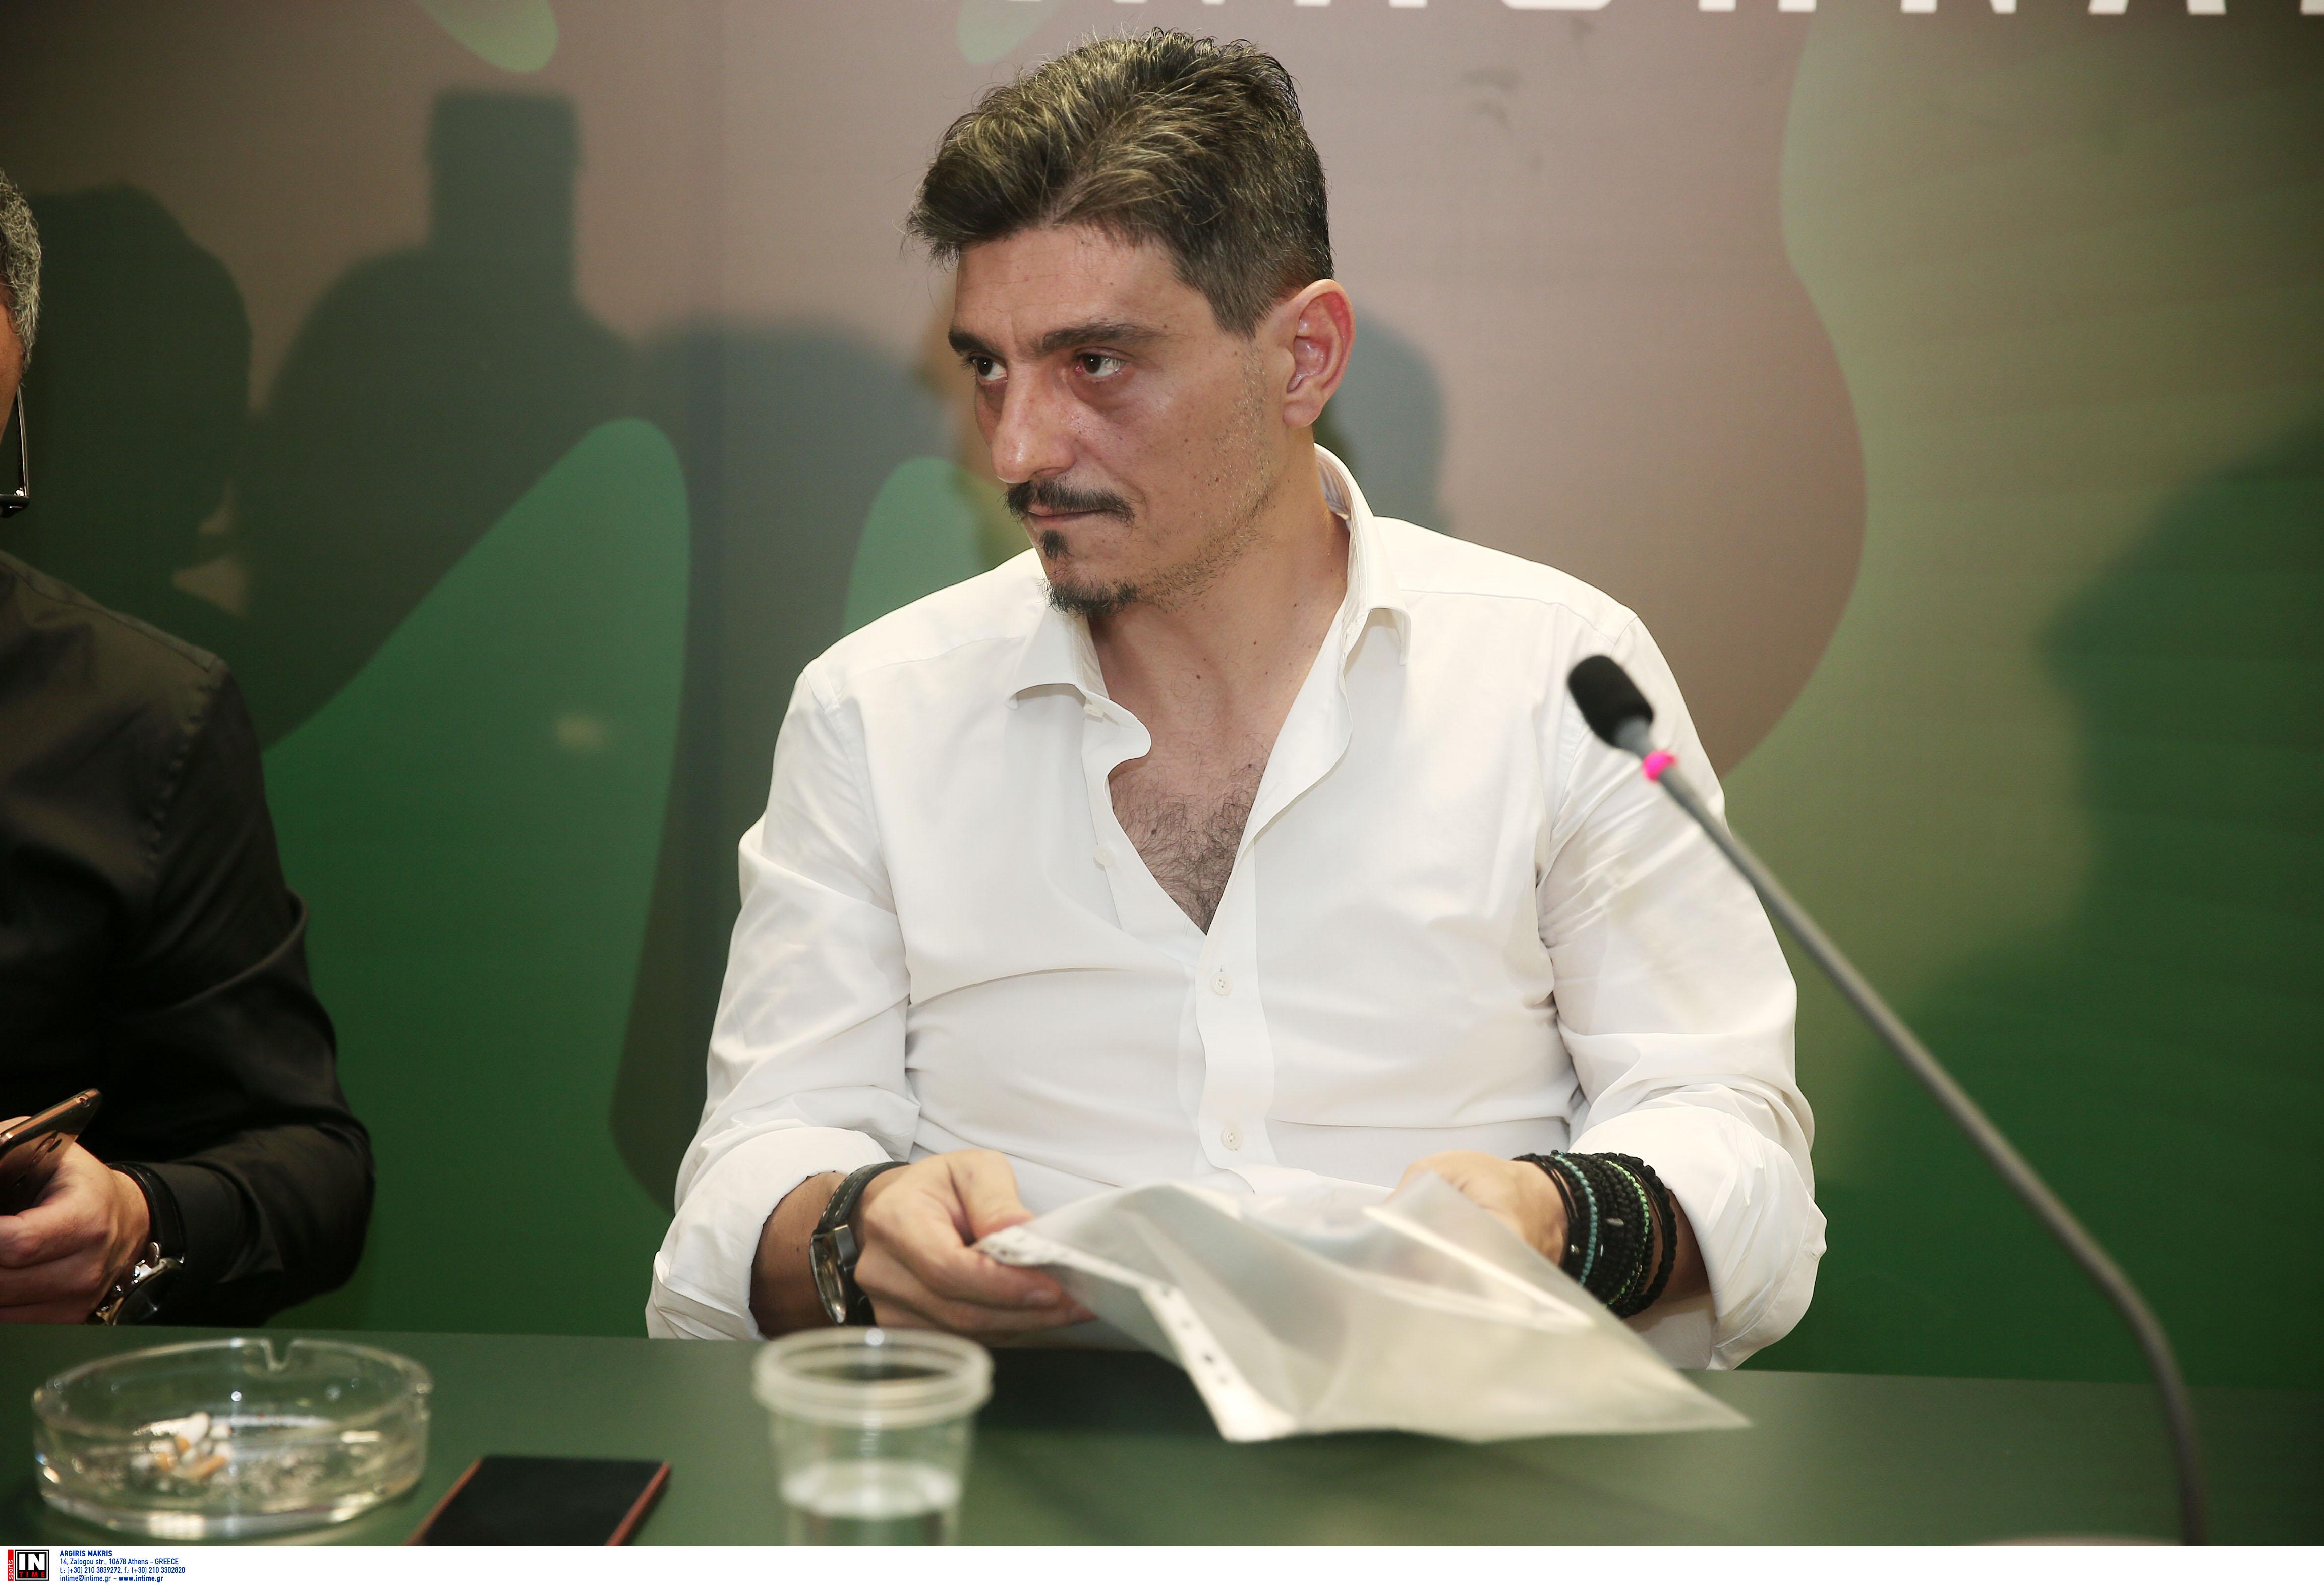 Γιαννακόπουλος: Ανοίγει τα χαρτιά του για PAO Alive και Βοτανικό